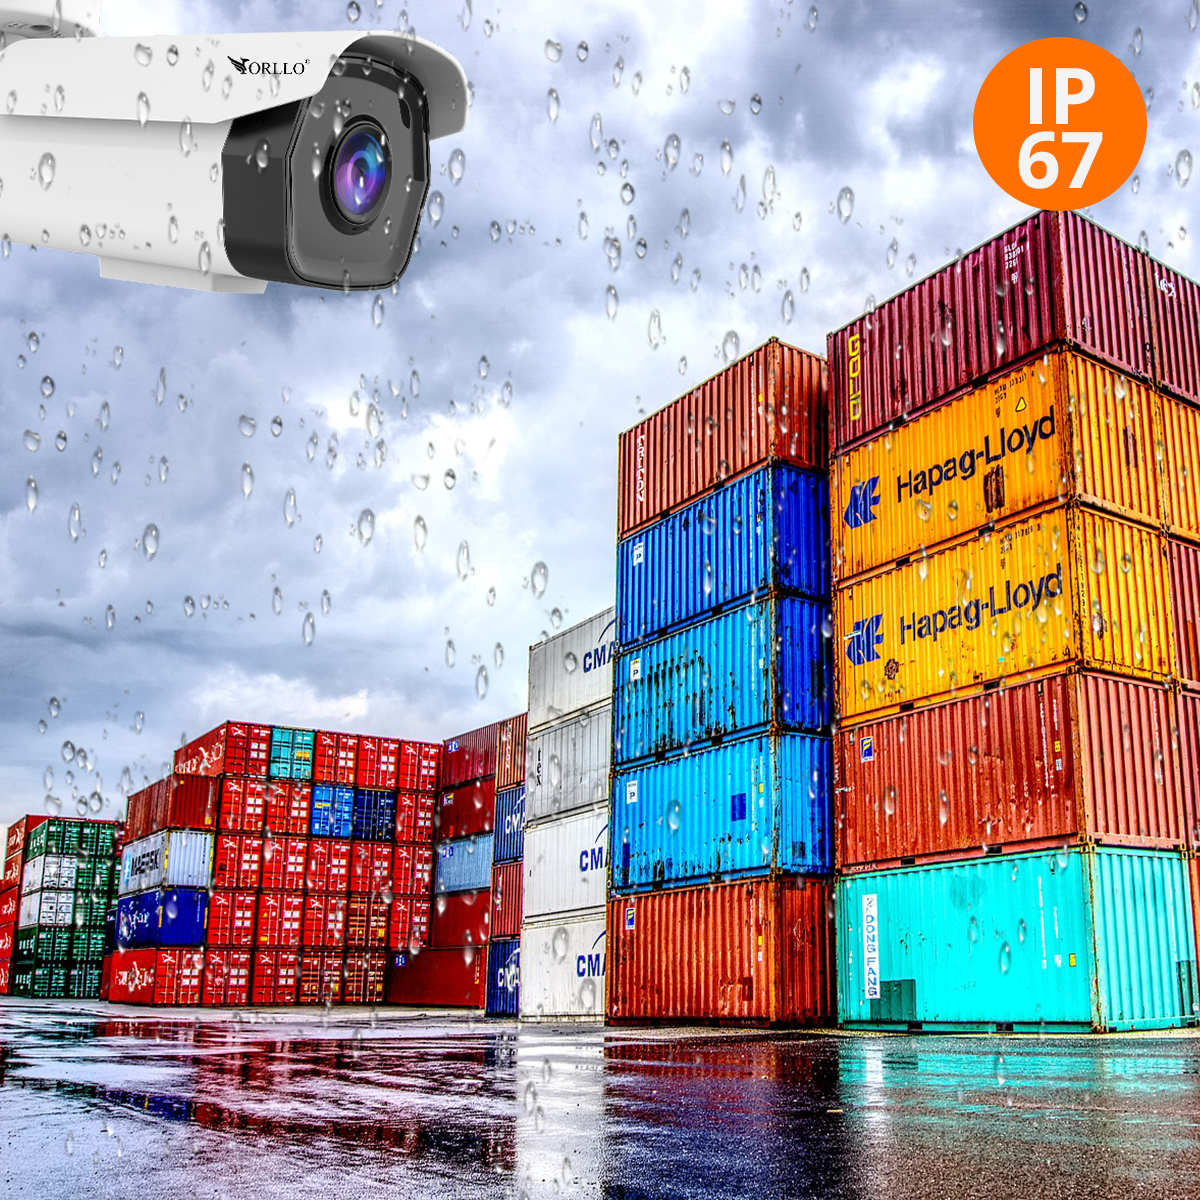 kamera ip zewnętrzna z zaznaczeniem obszarów orllo.pl